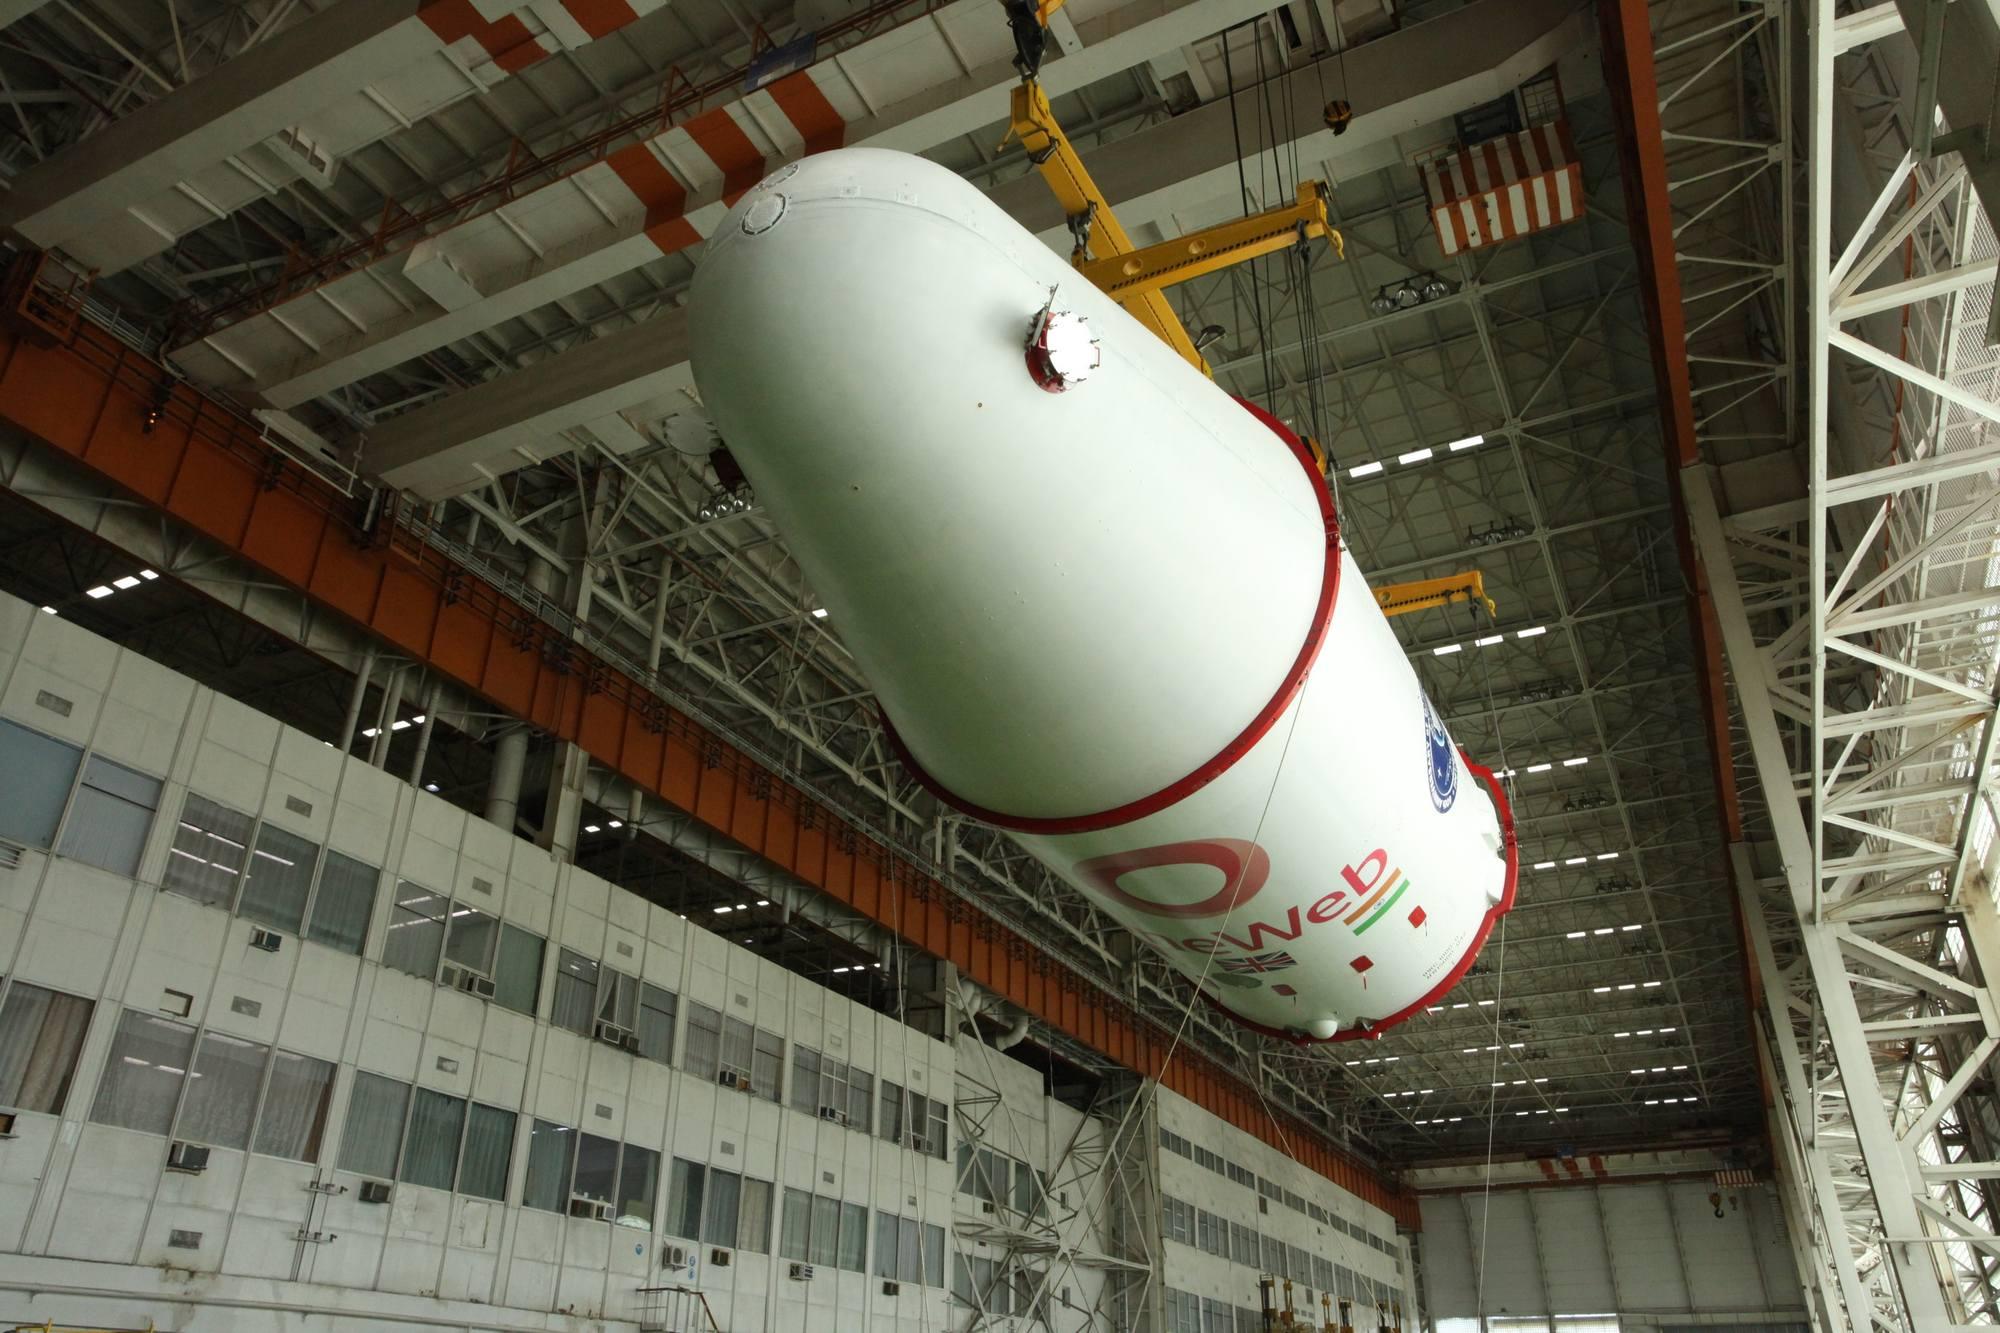 Le composite supérieur passe ainsi dans la salle où antérieurement étaient préparé les lanceurs Soyouz FG désormais décommissionnés.